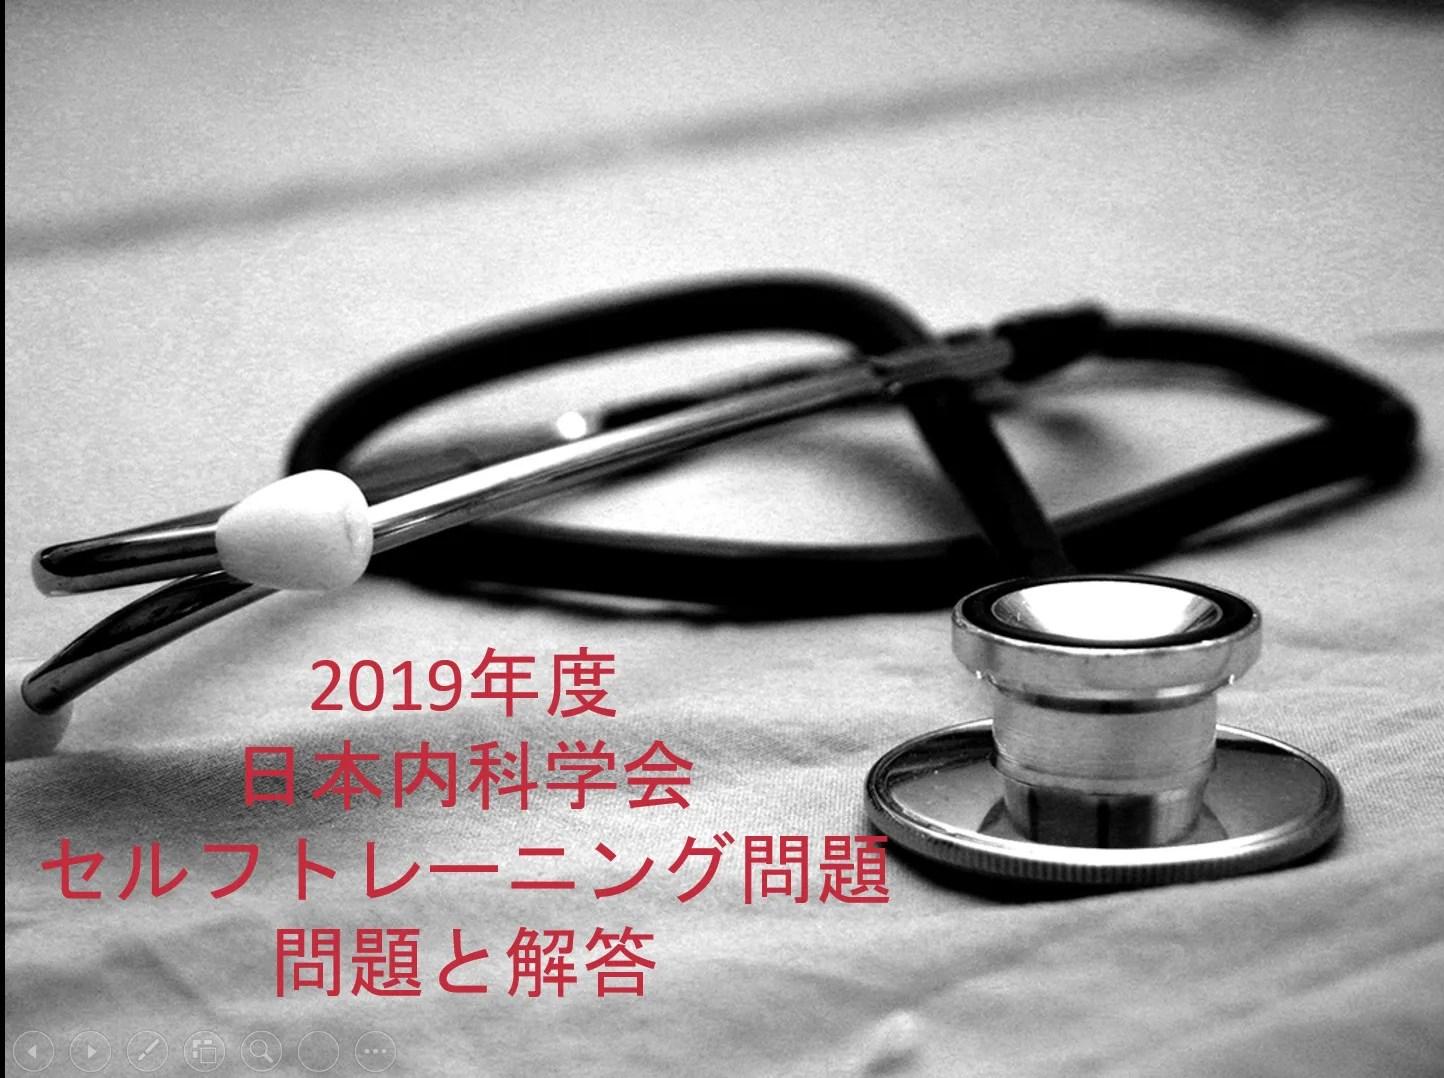 日本内科学会2019年度セルフトレーニング問題と解答(その4)